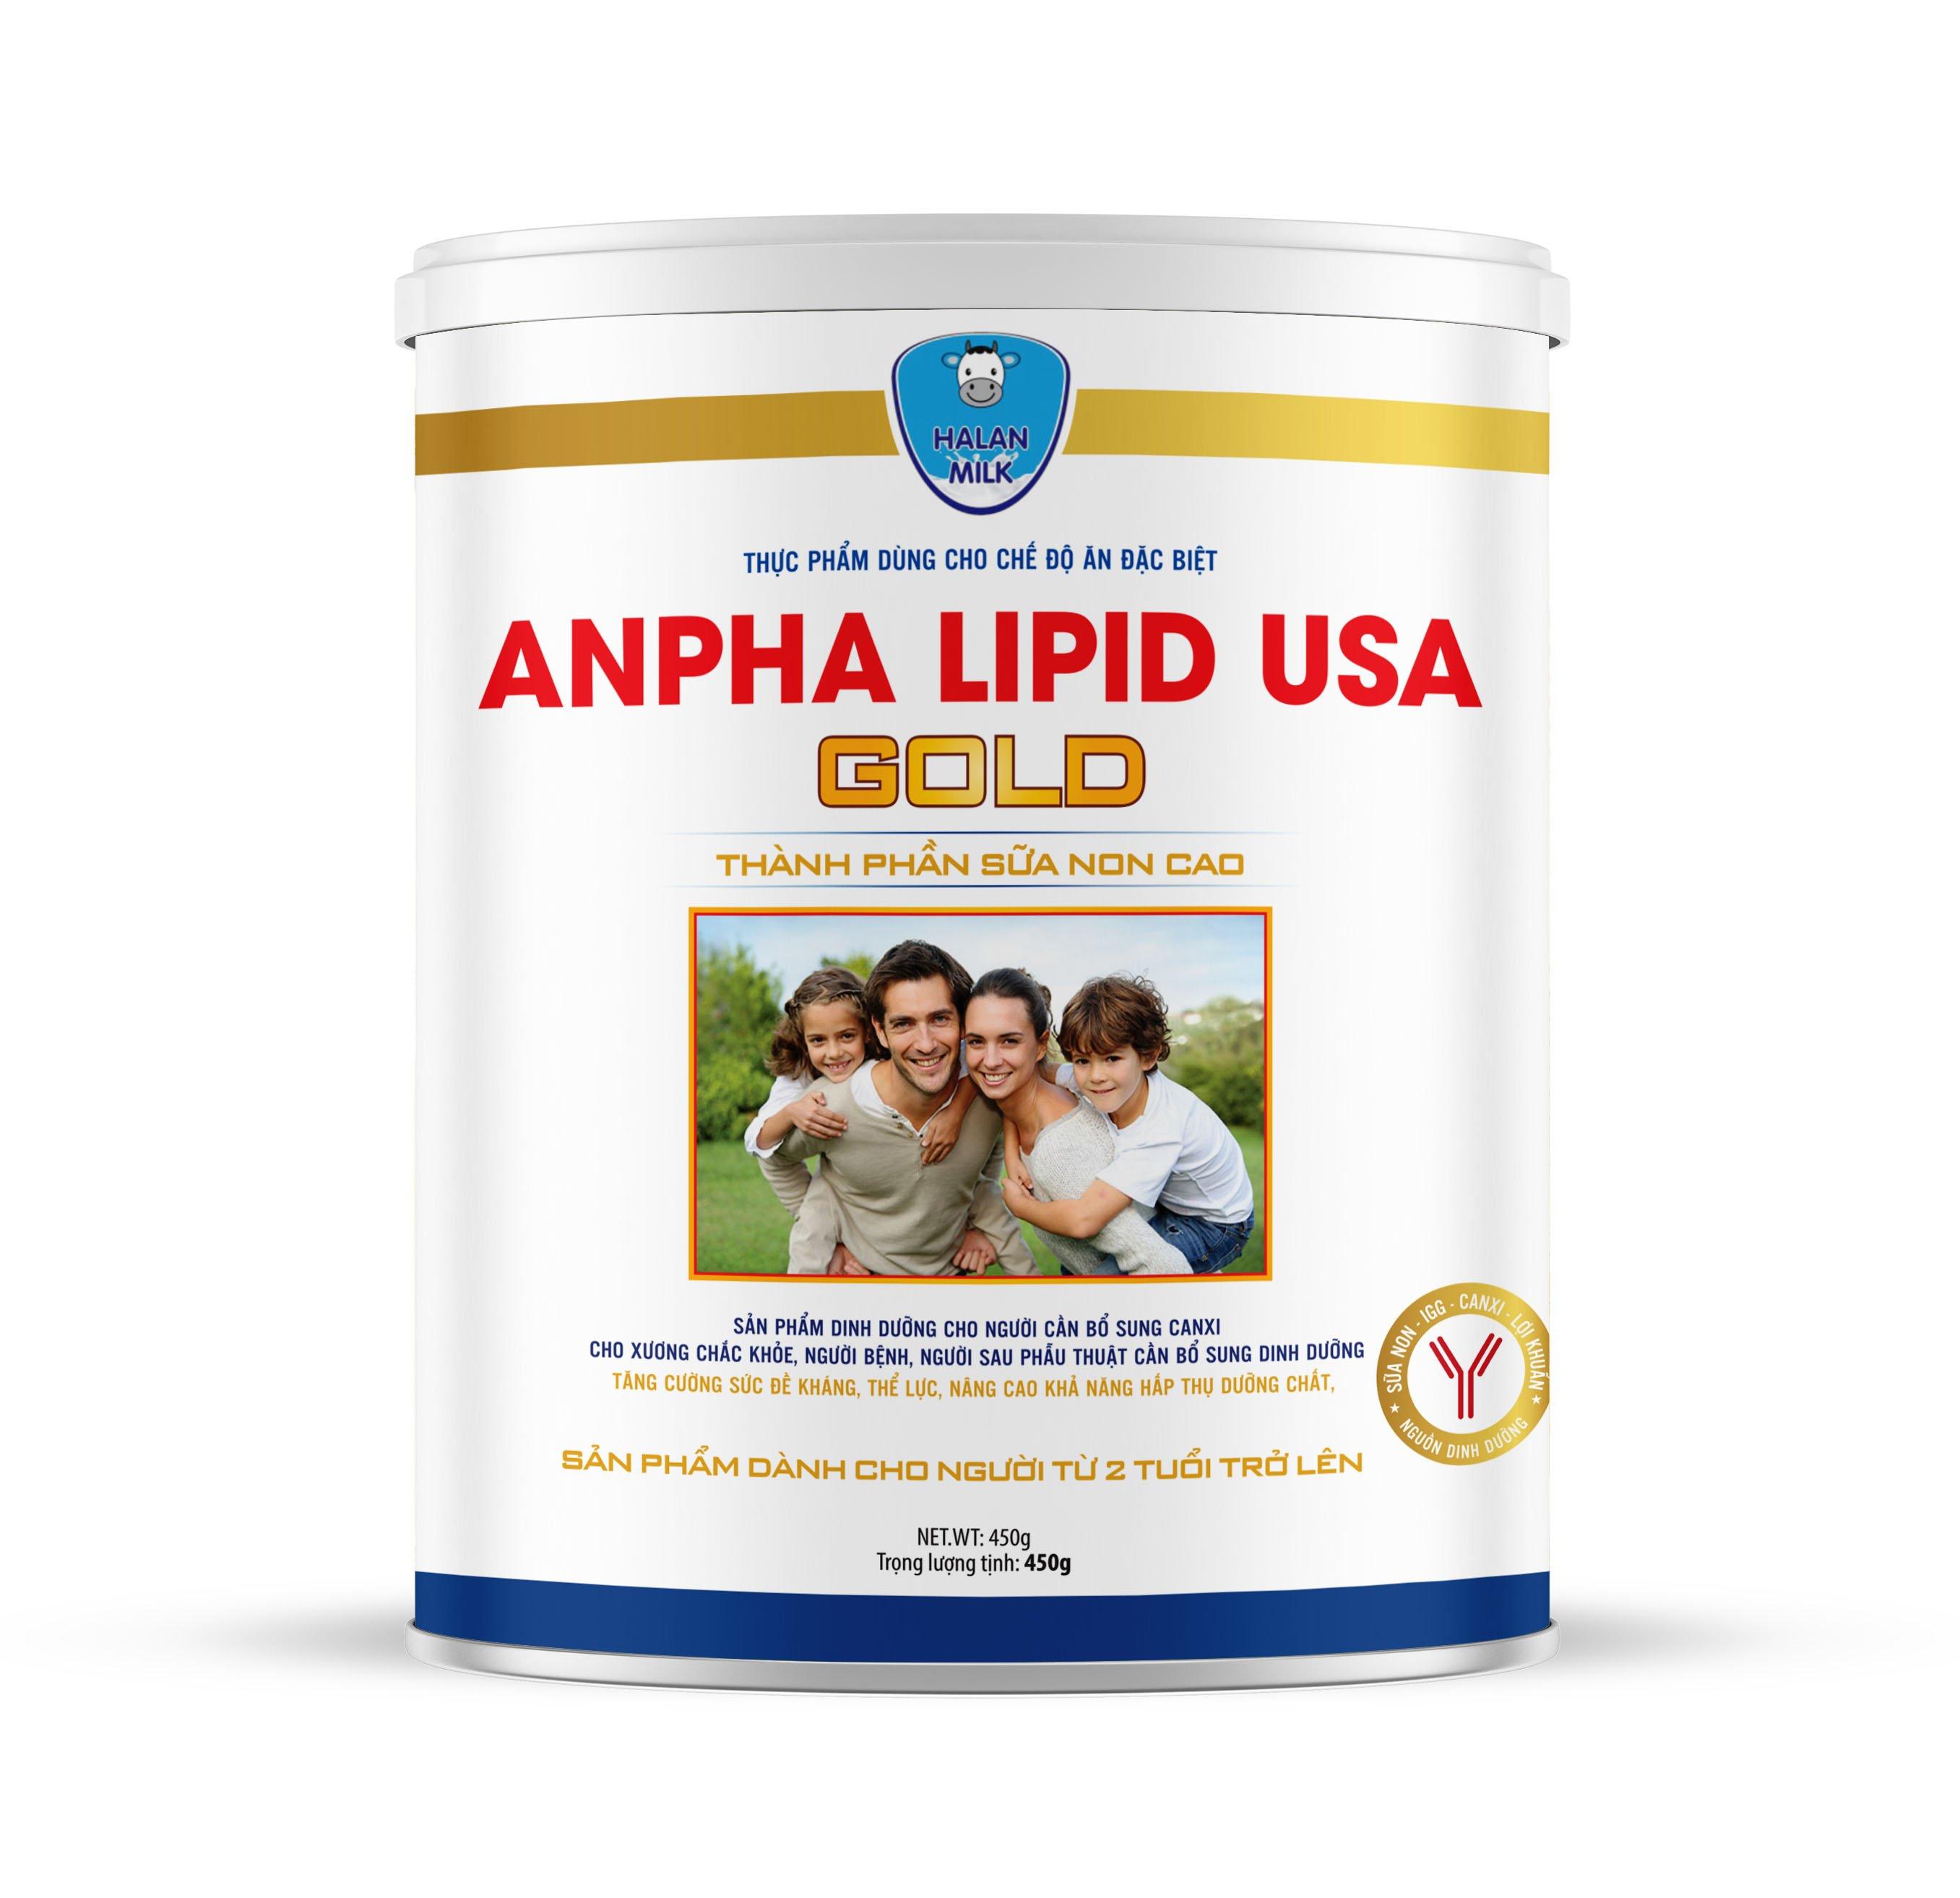 ANPHA LIPID USA GOLD 450g